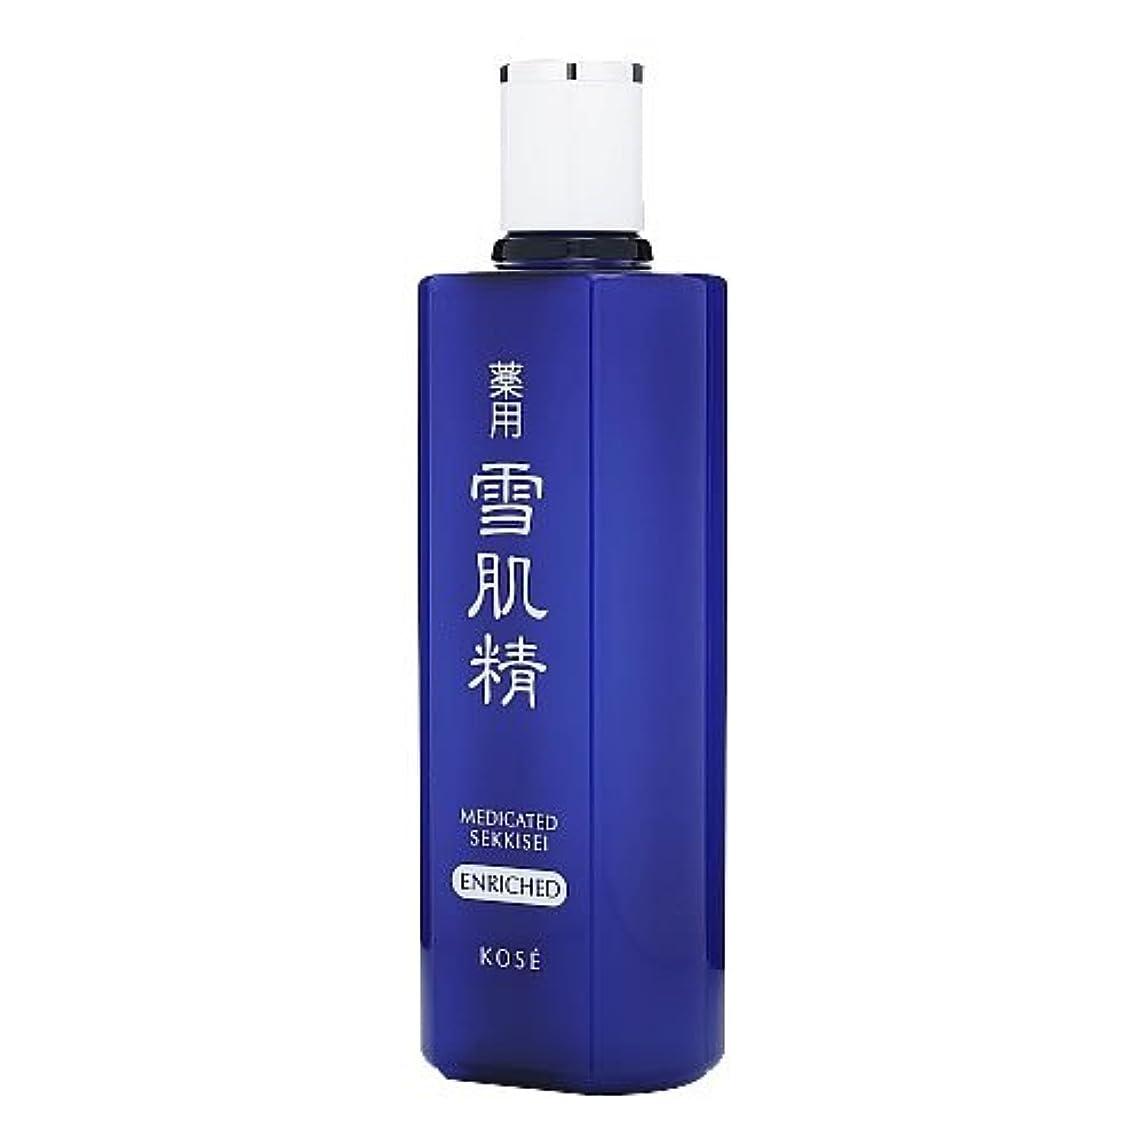 スカイ理容室コカインコーセー KOSE 薬用 雪肌精 エンリッチ 360ml [並行輸入品]